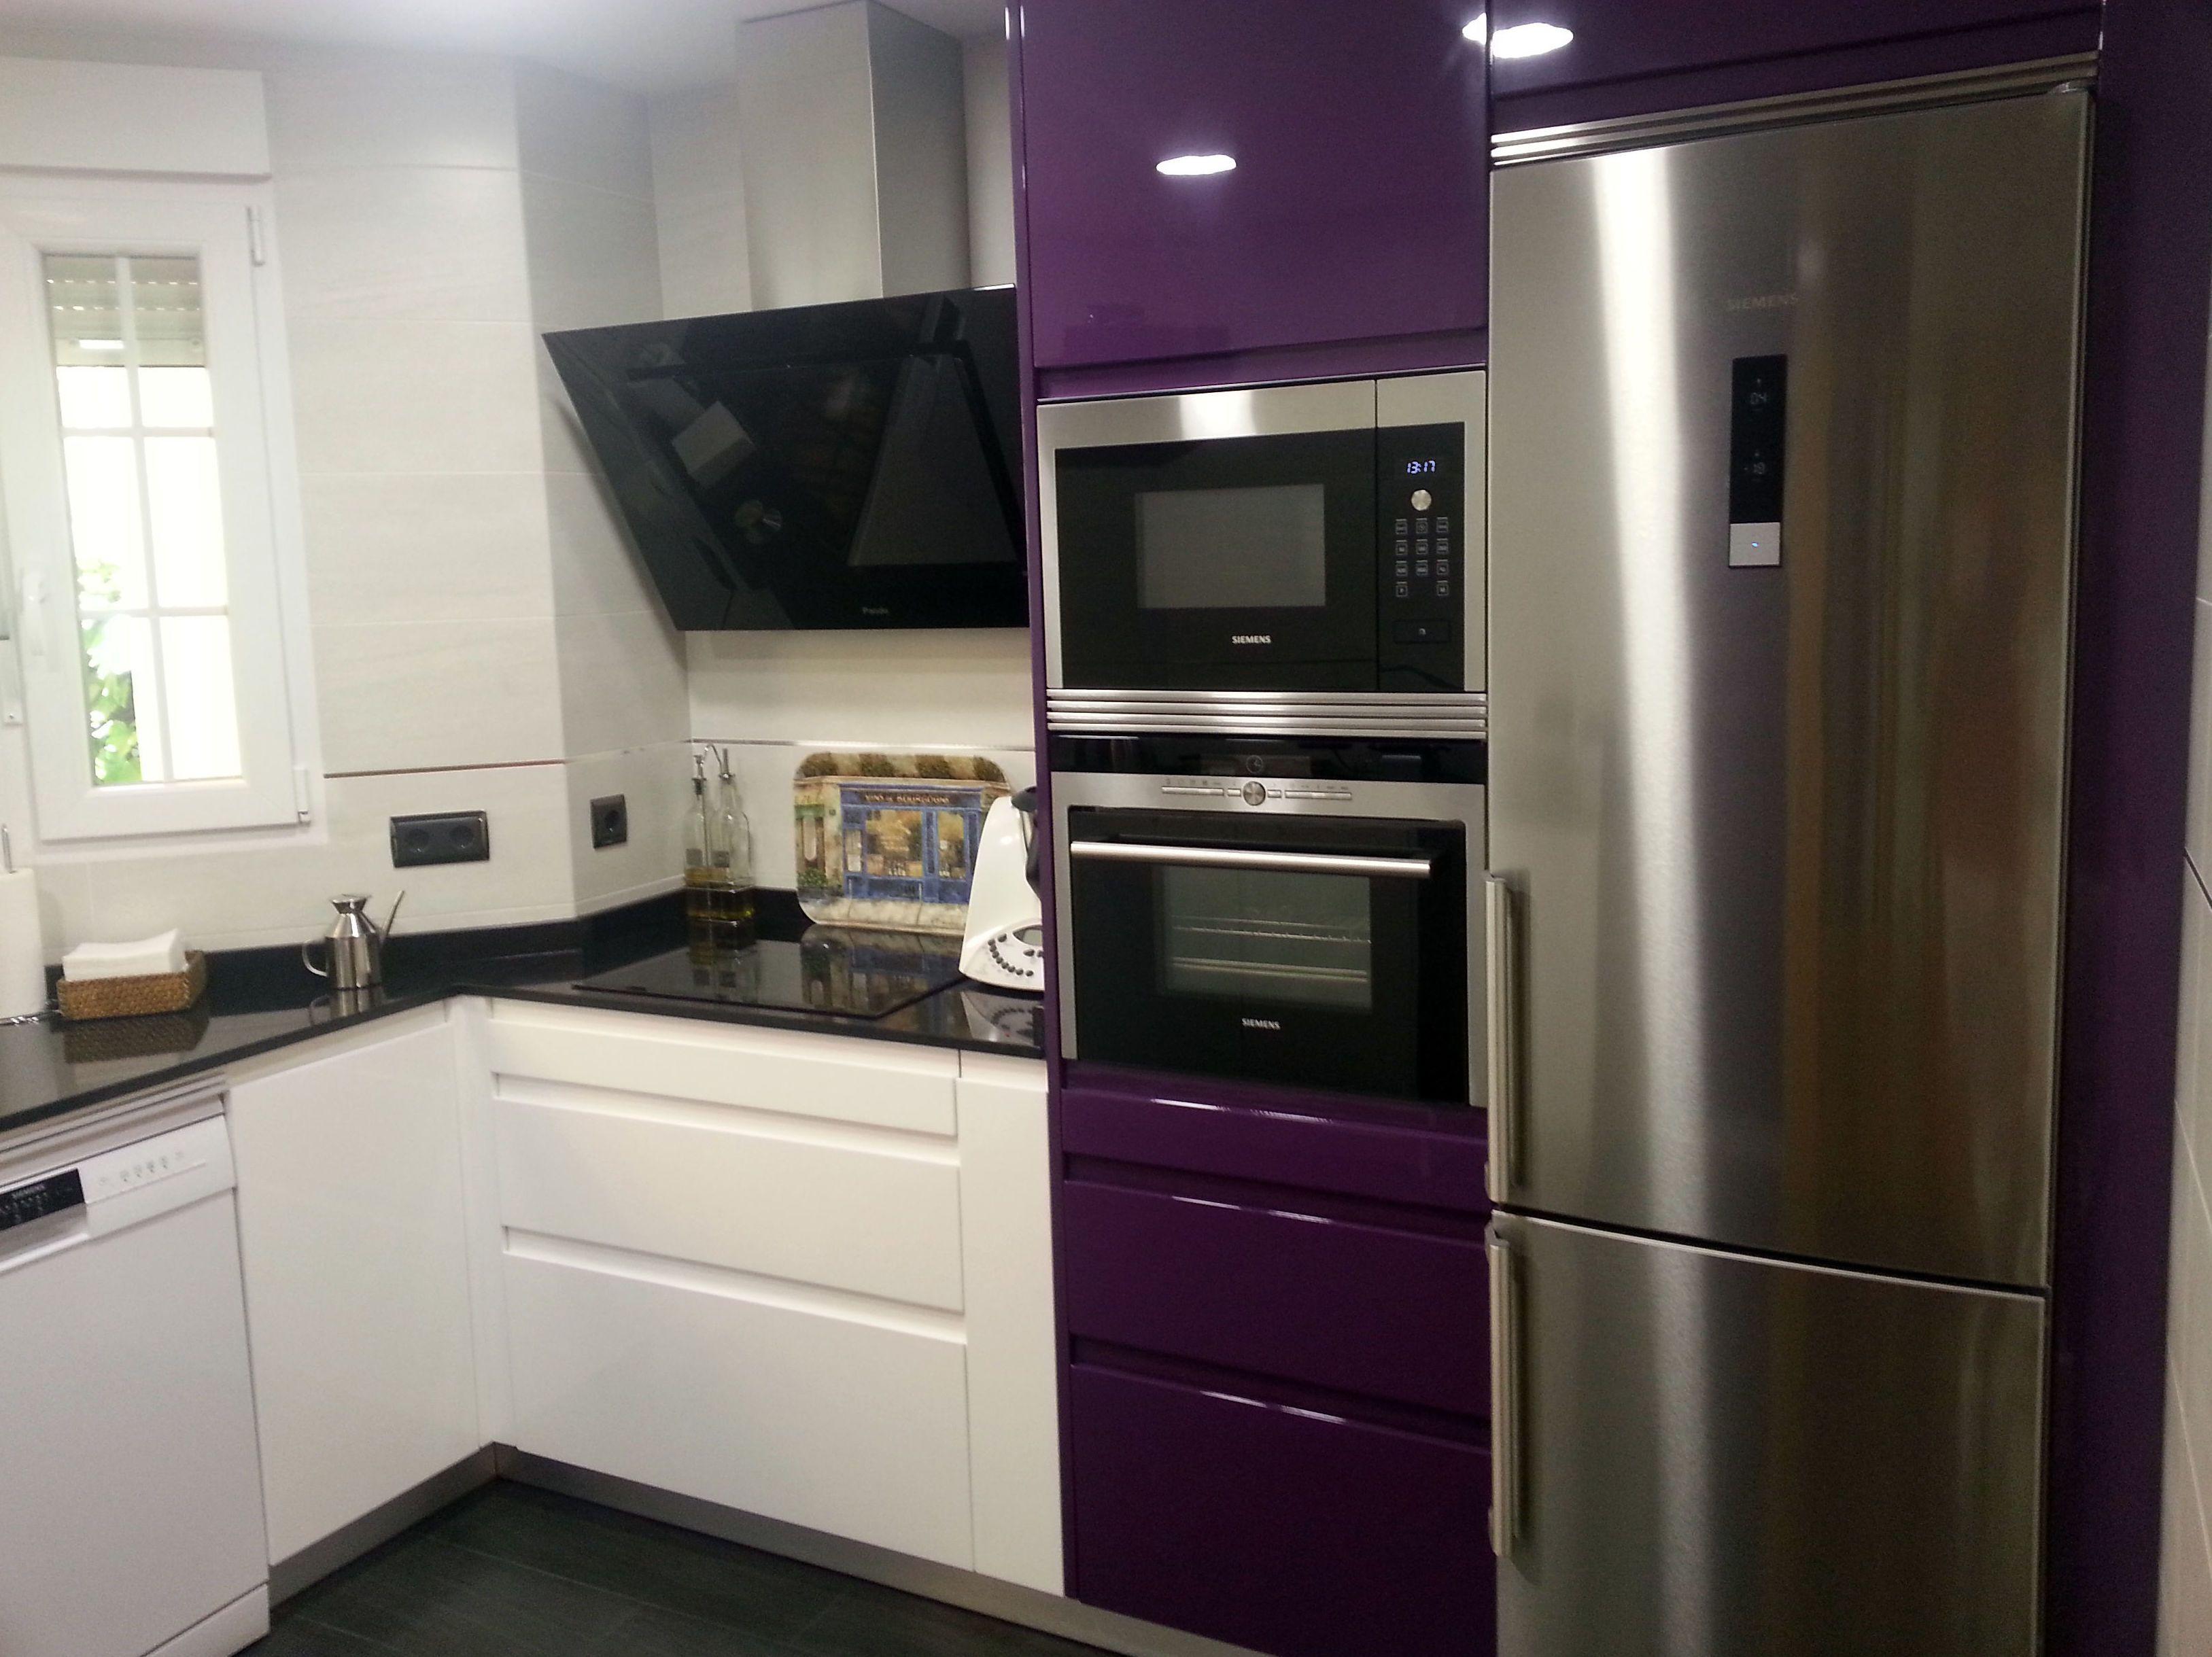 Tiendas de electrodom sticos en san blas madrid - Electrodomesticos profesionales cocina ...